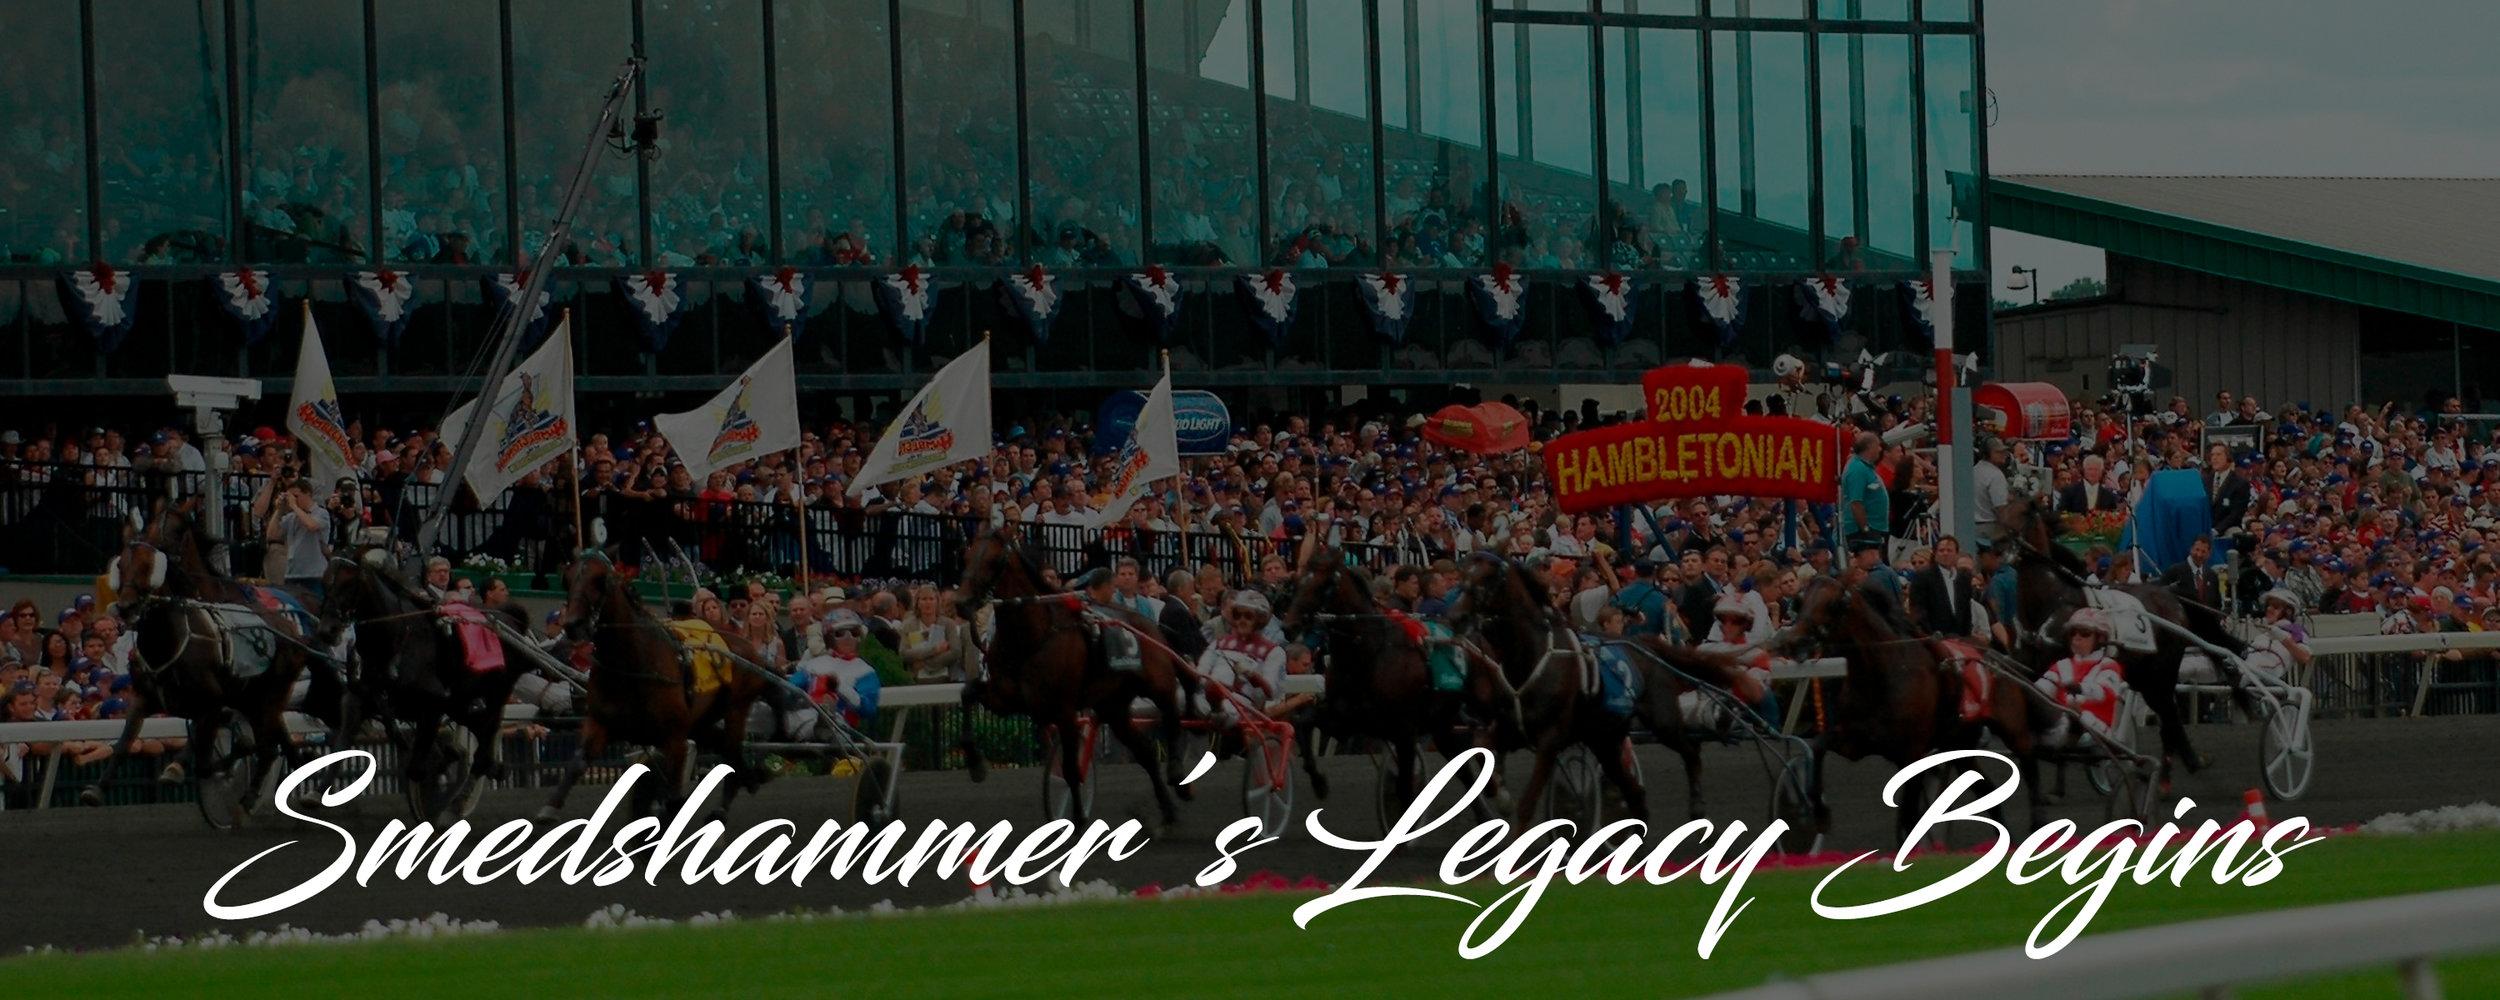 history banner 2004.jpg